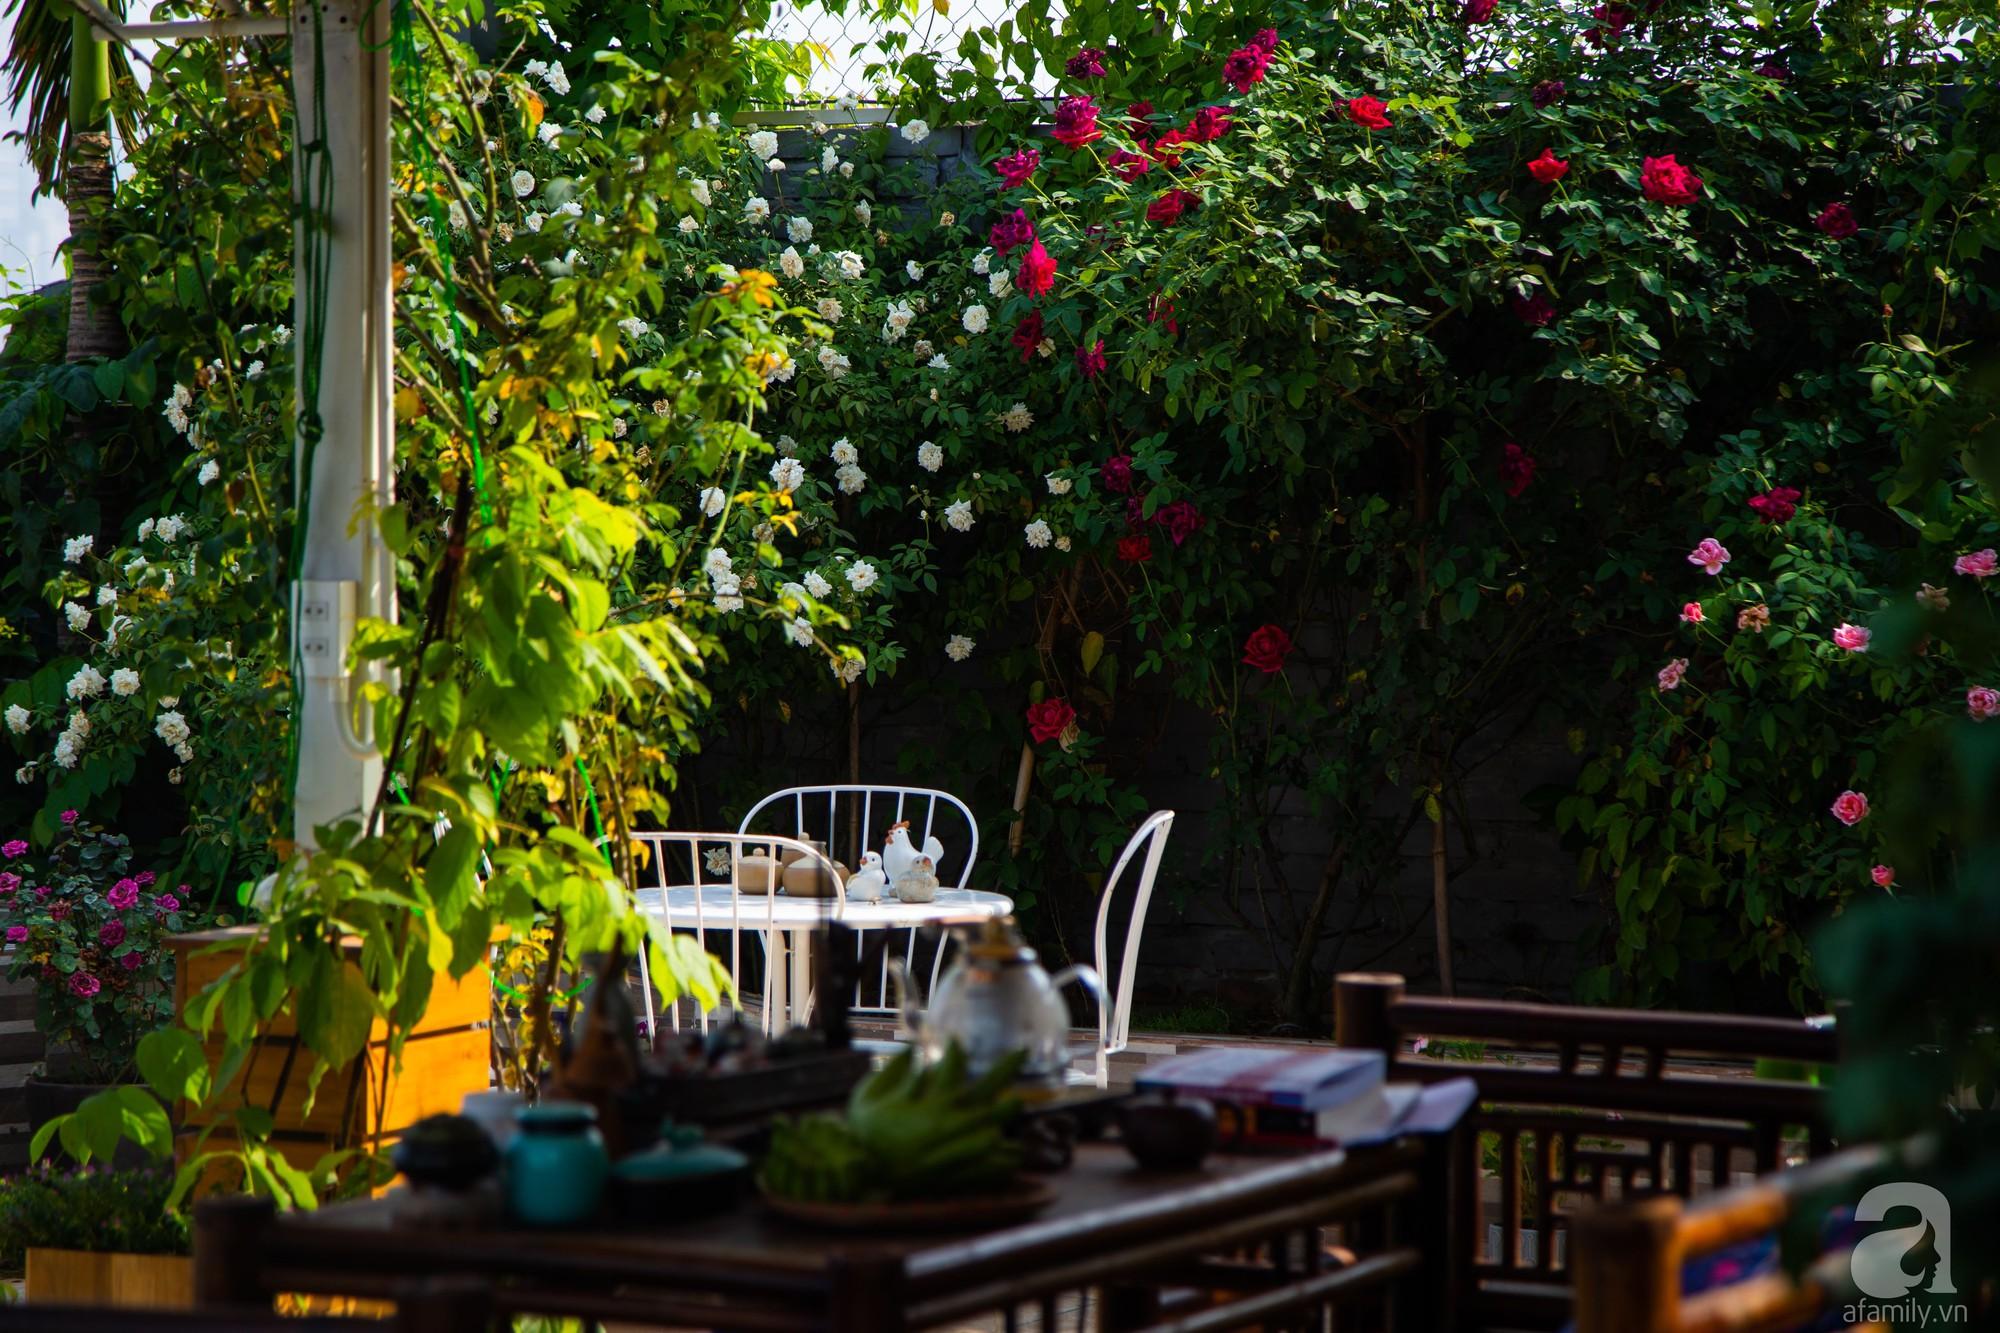 Khu vườn trên sân thượng rộng 200m² đẹp ngỡ ngàng với trăm loài hoa đua nhau khoe sắc ở Hà Nội - Ảnh 11.